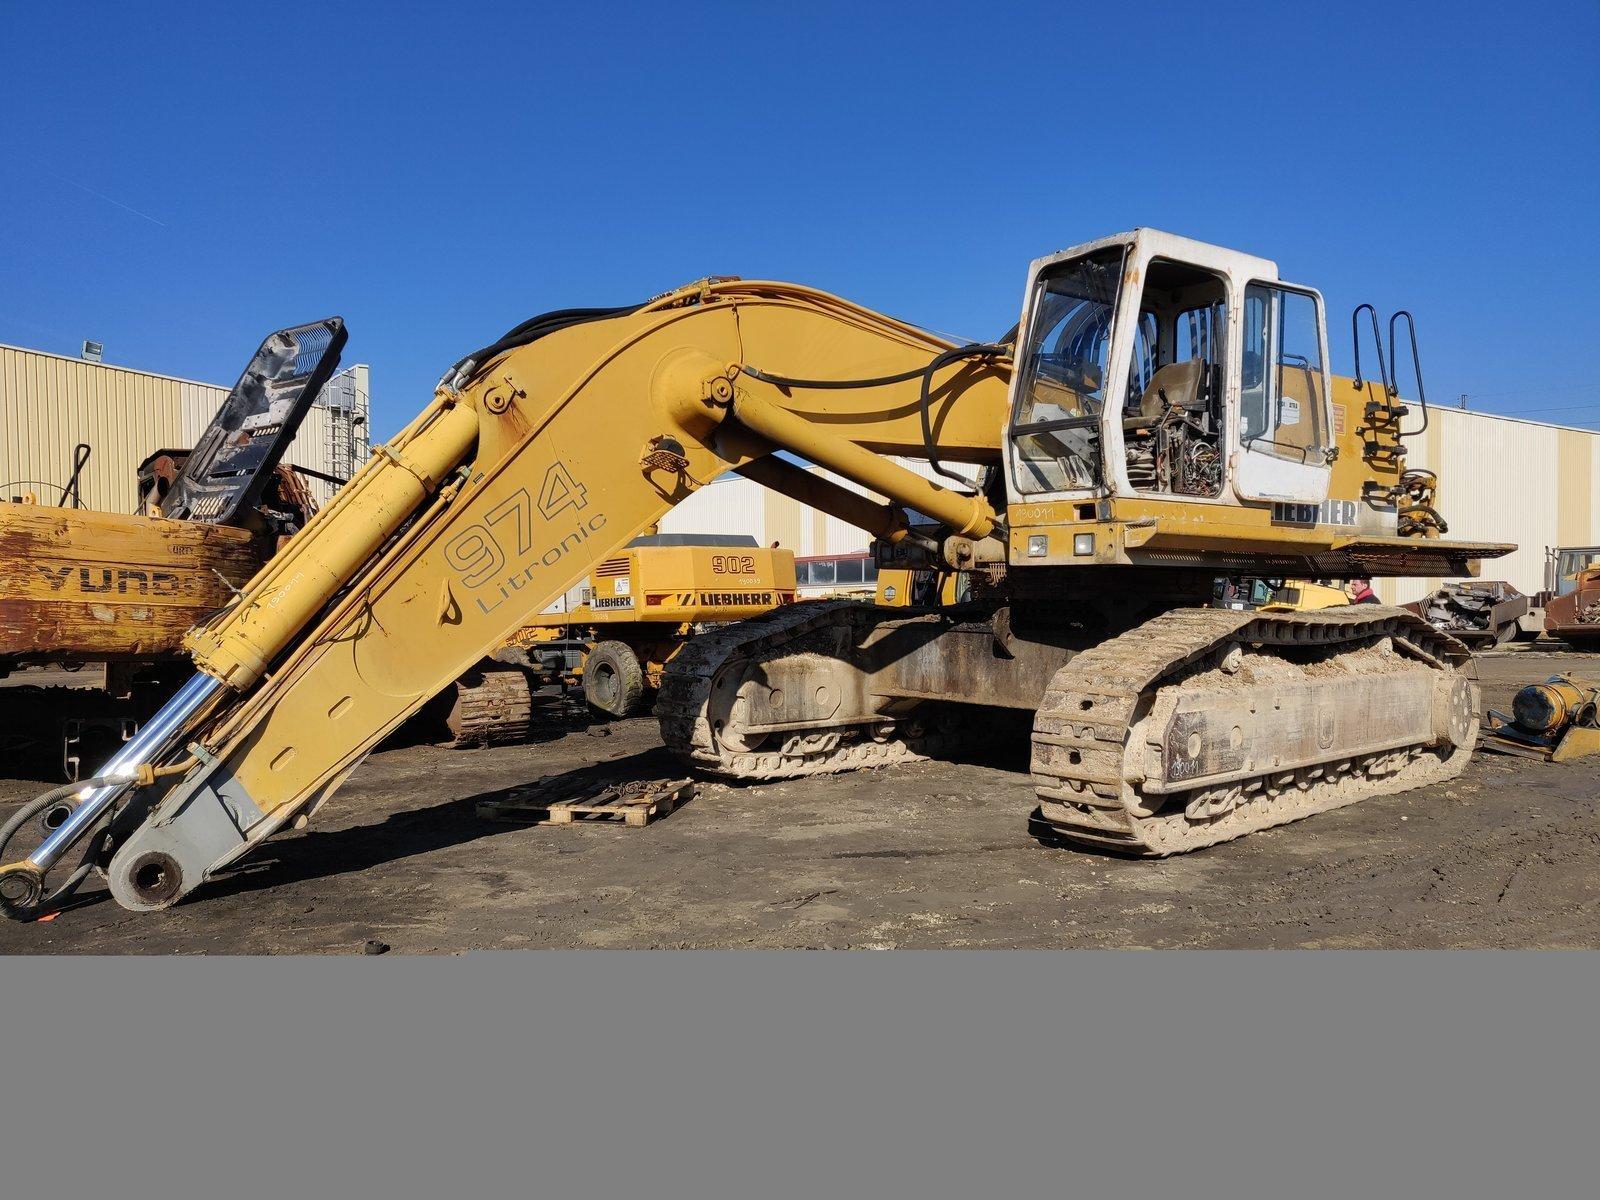 Tracks excavator LIEBHERR R974